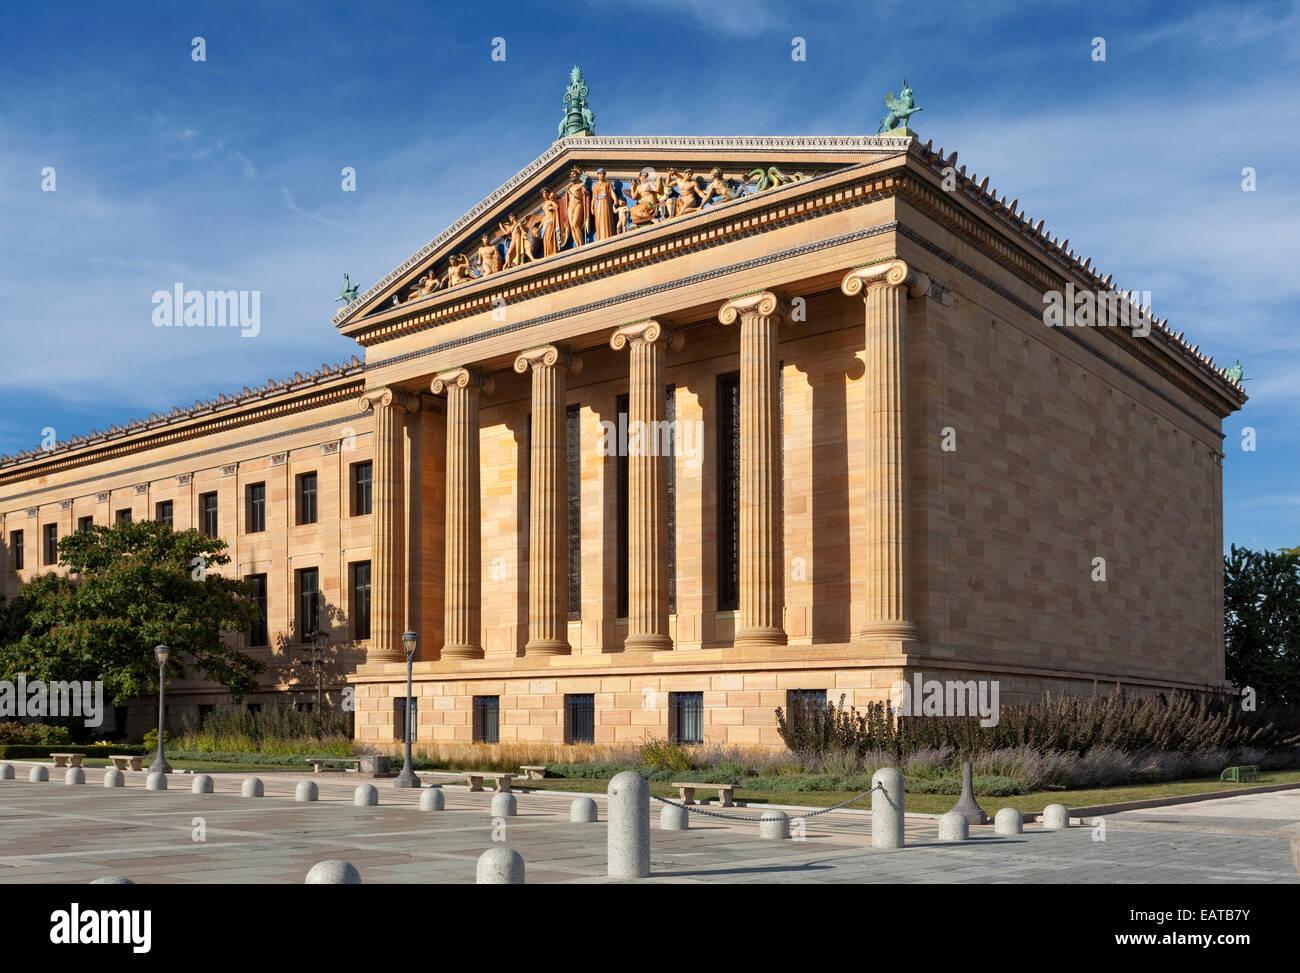 Klassischen griechischen Architektur...  Das Philadelphia Museum of Art zählt zu den größten Kunstmuseen Stockbild